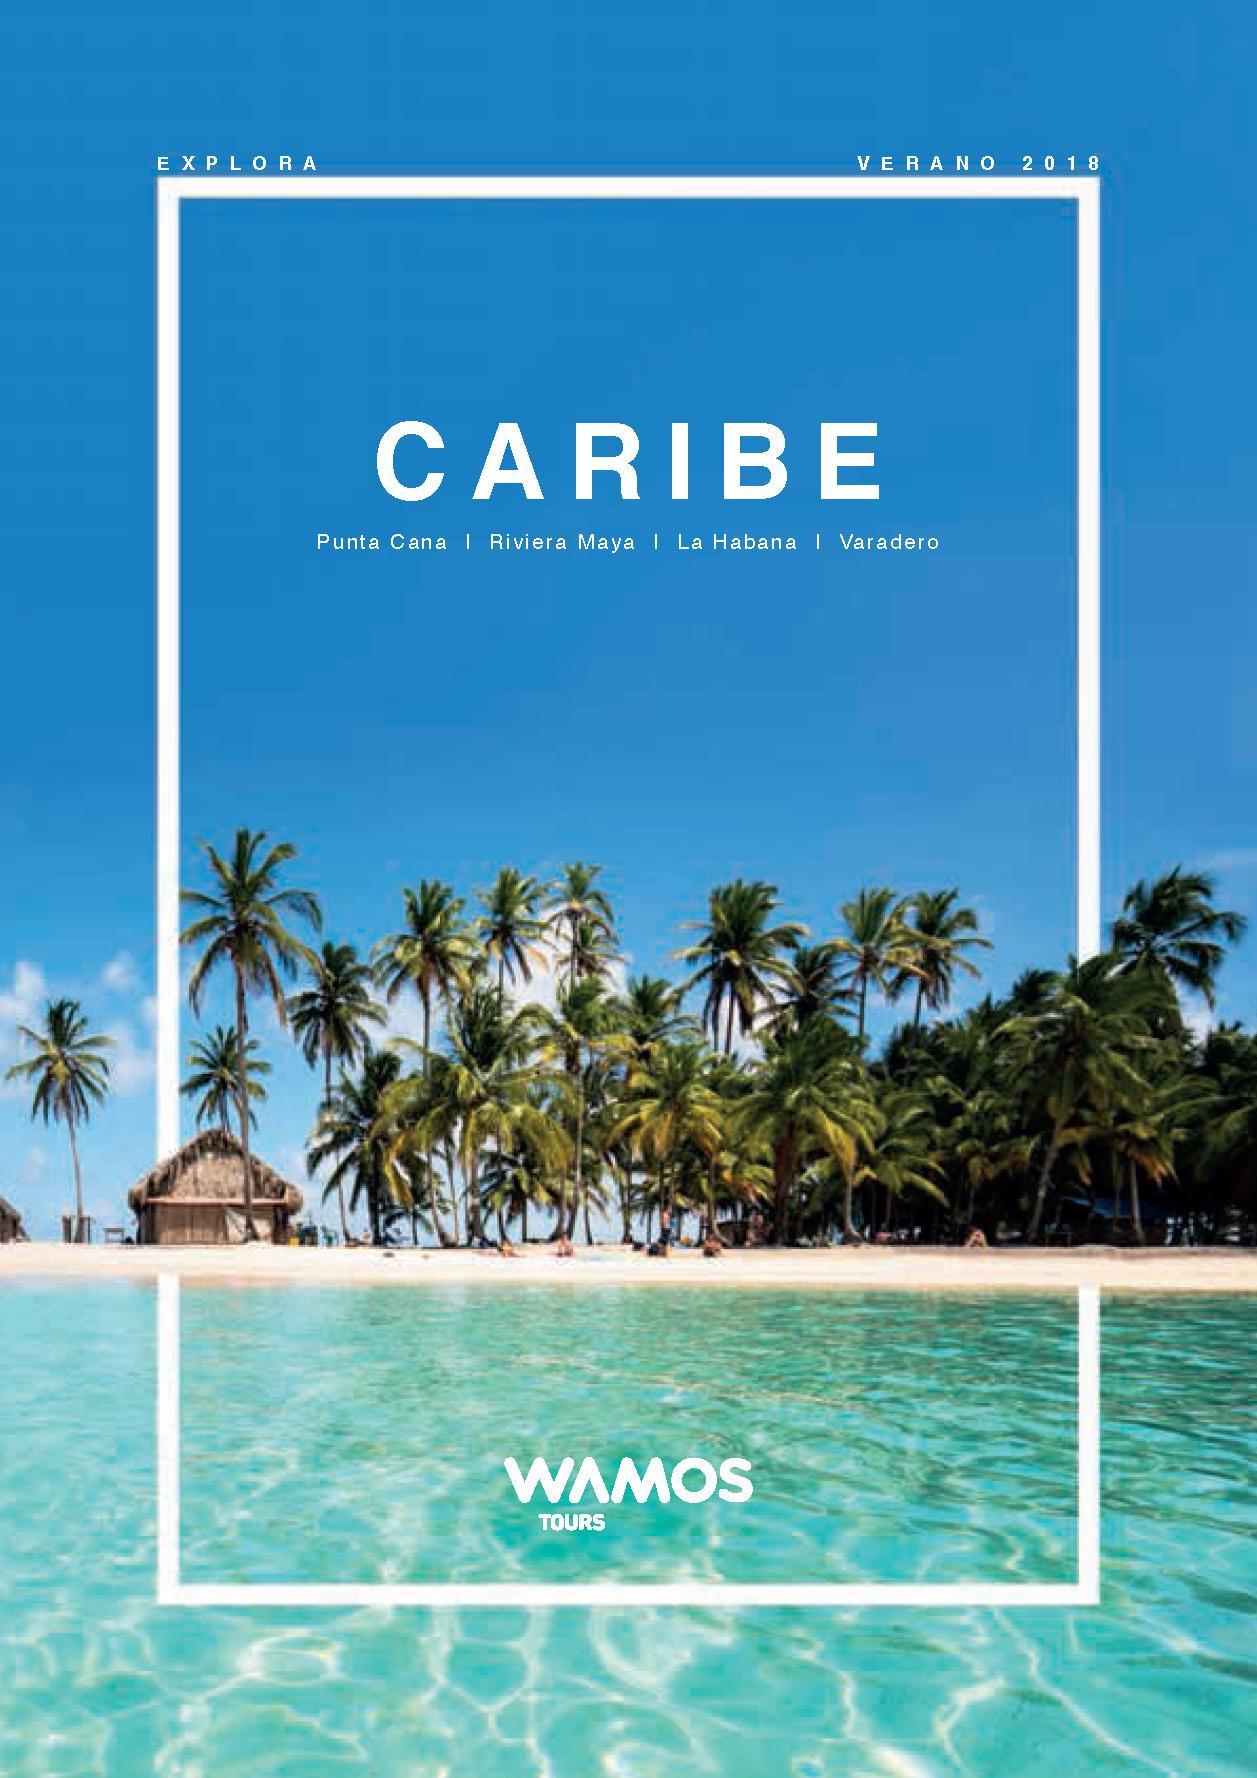 Catalogo Wamos Caribe Verano 2018